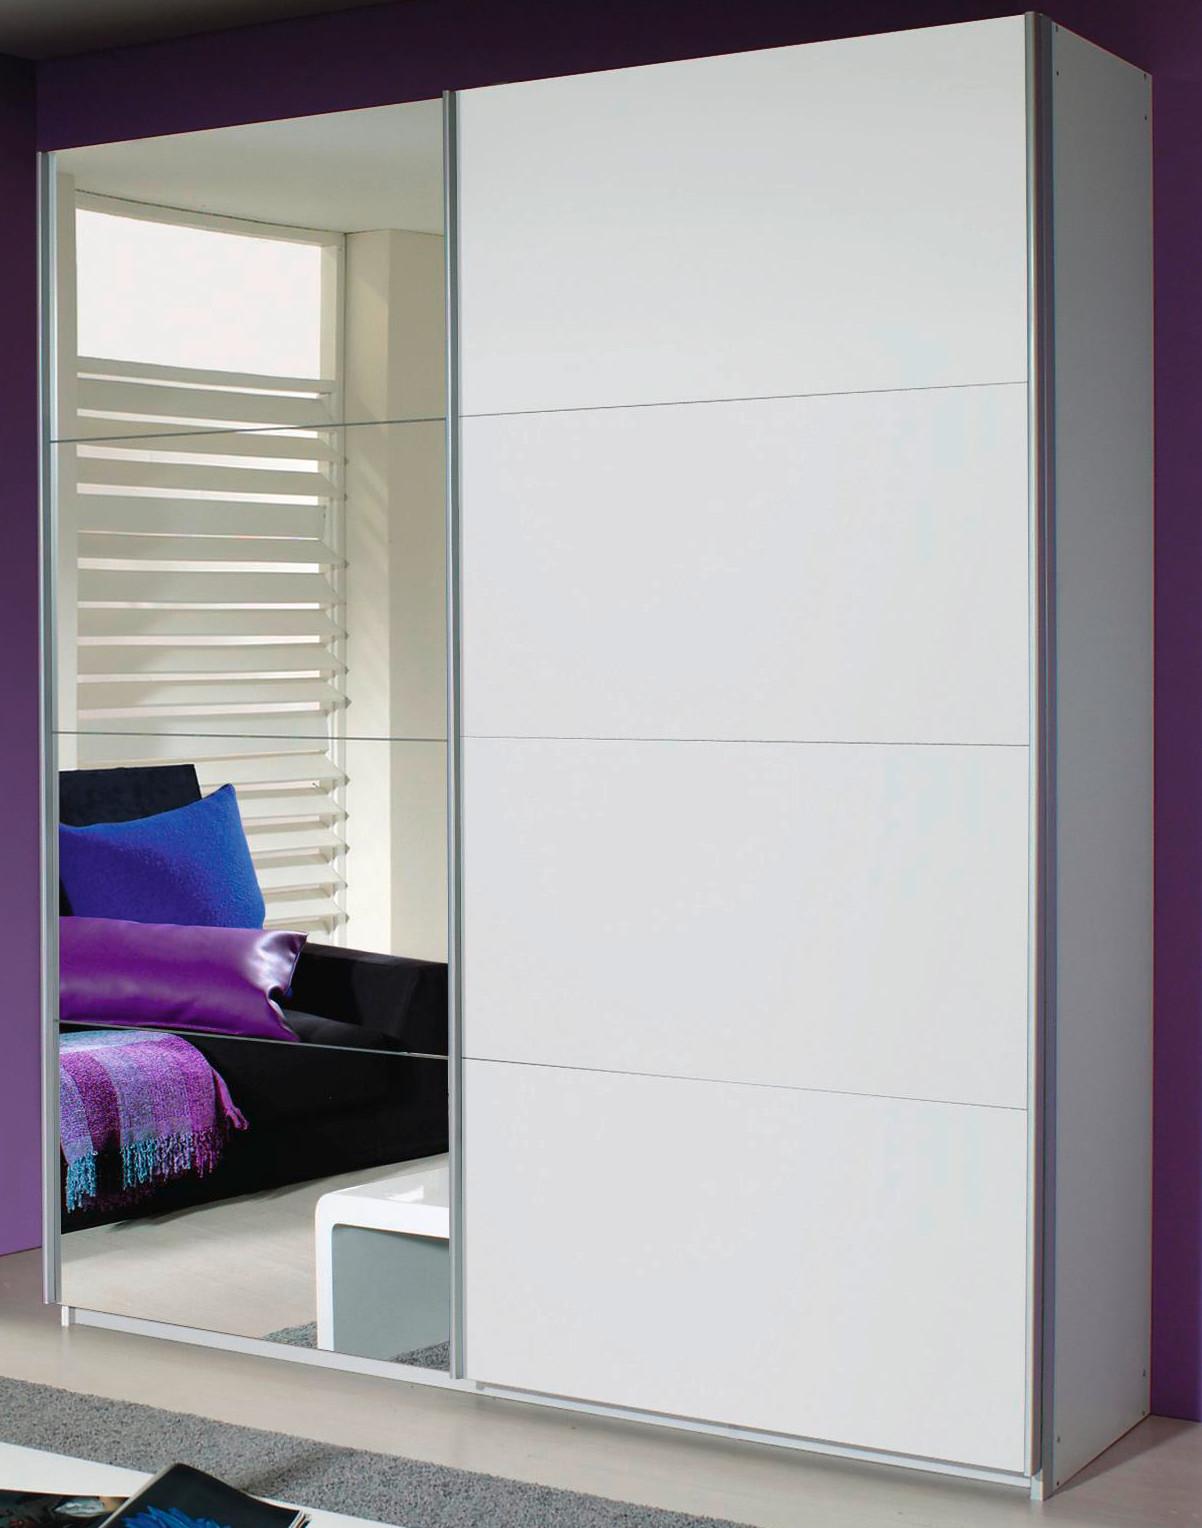 rauch schwebet renschrank quadra alpinwei spiegel 5 breiten 2 h hen ebay. Black Bedroom Furniture Sets. Home Design Ideas